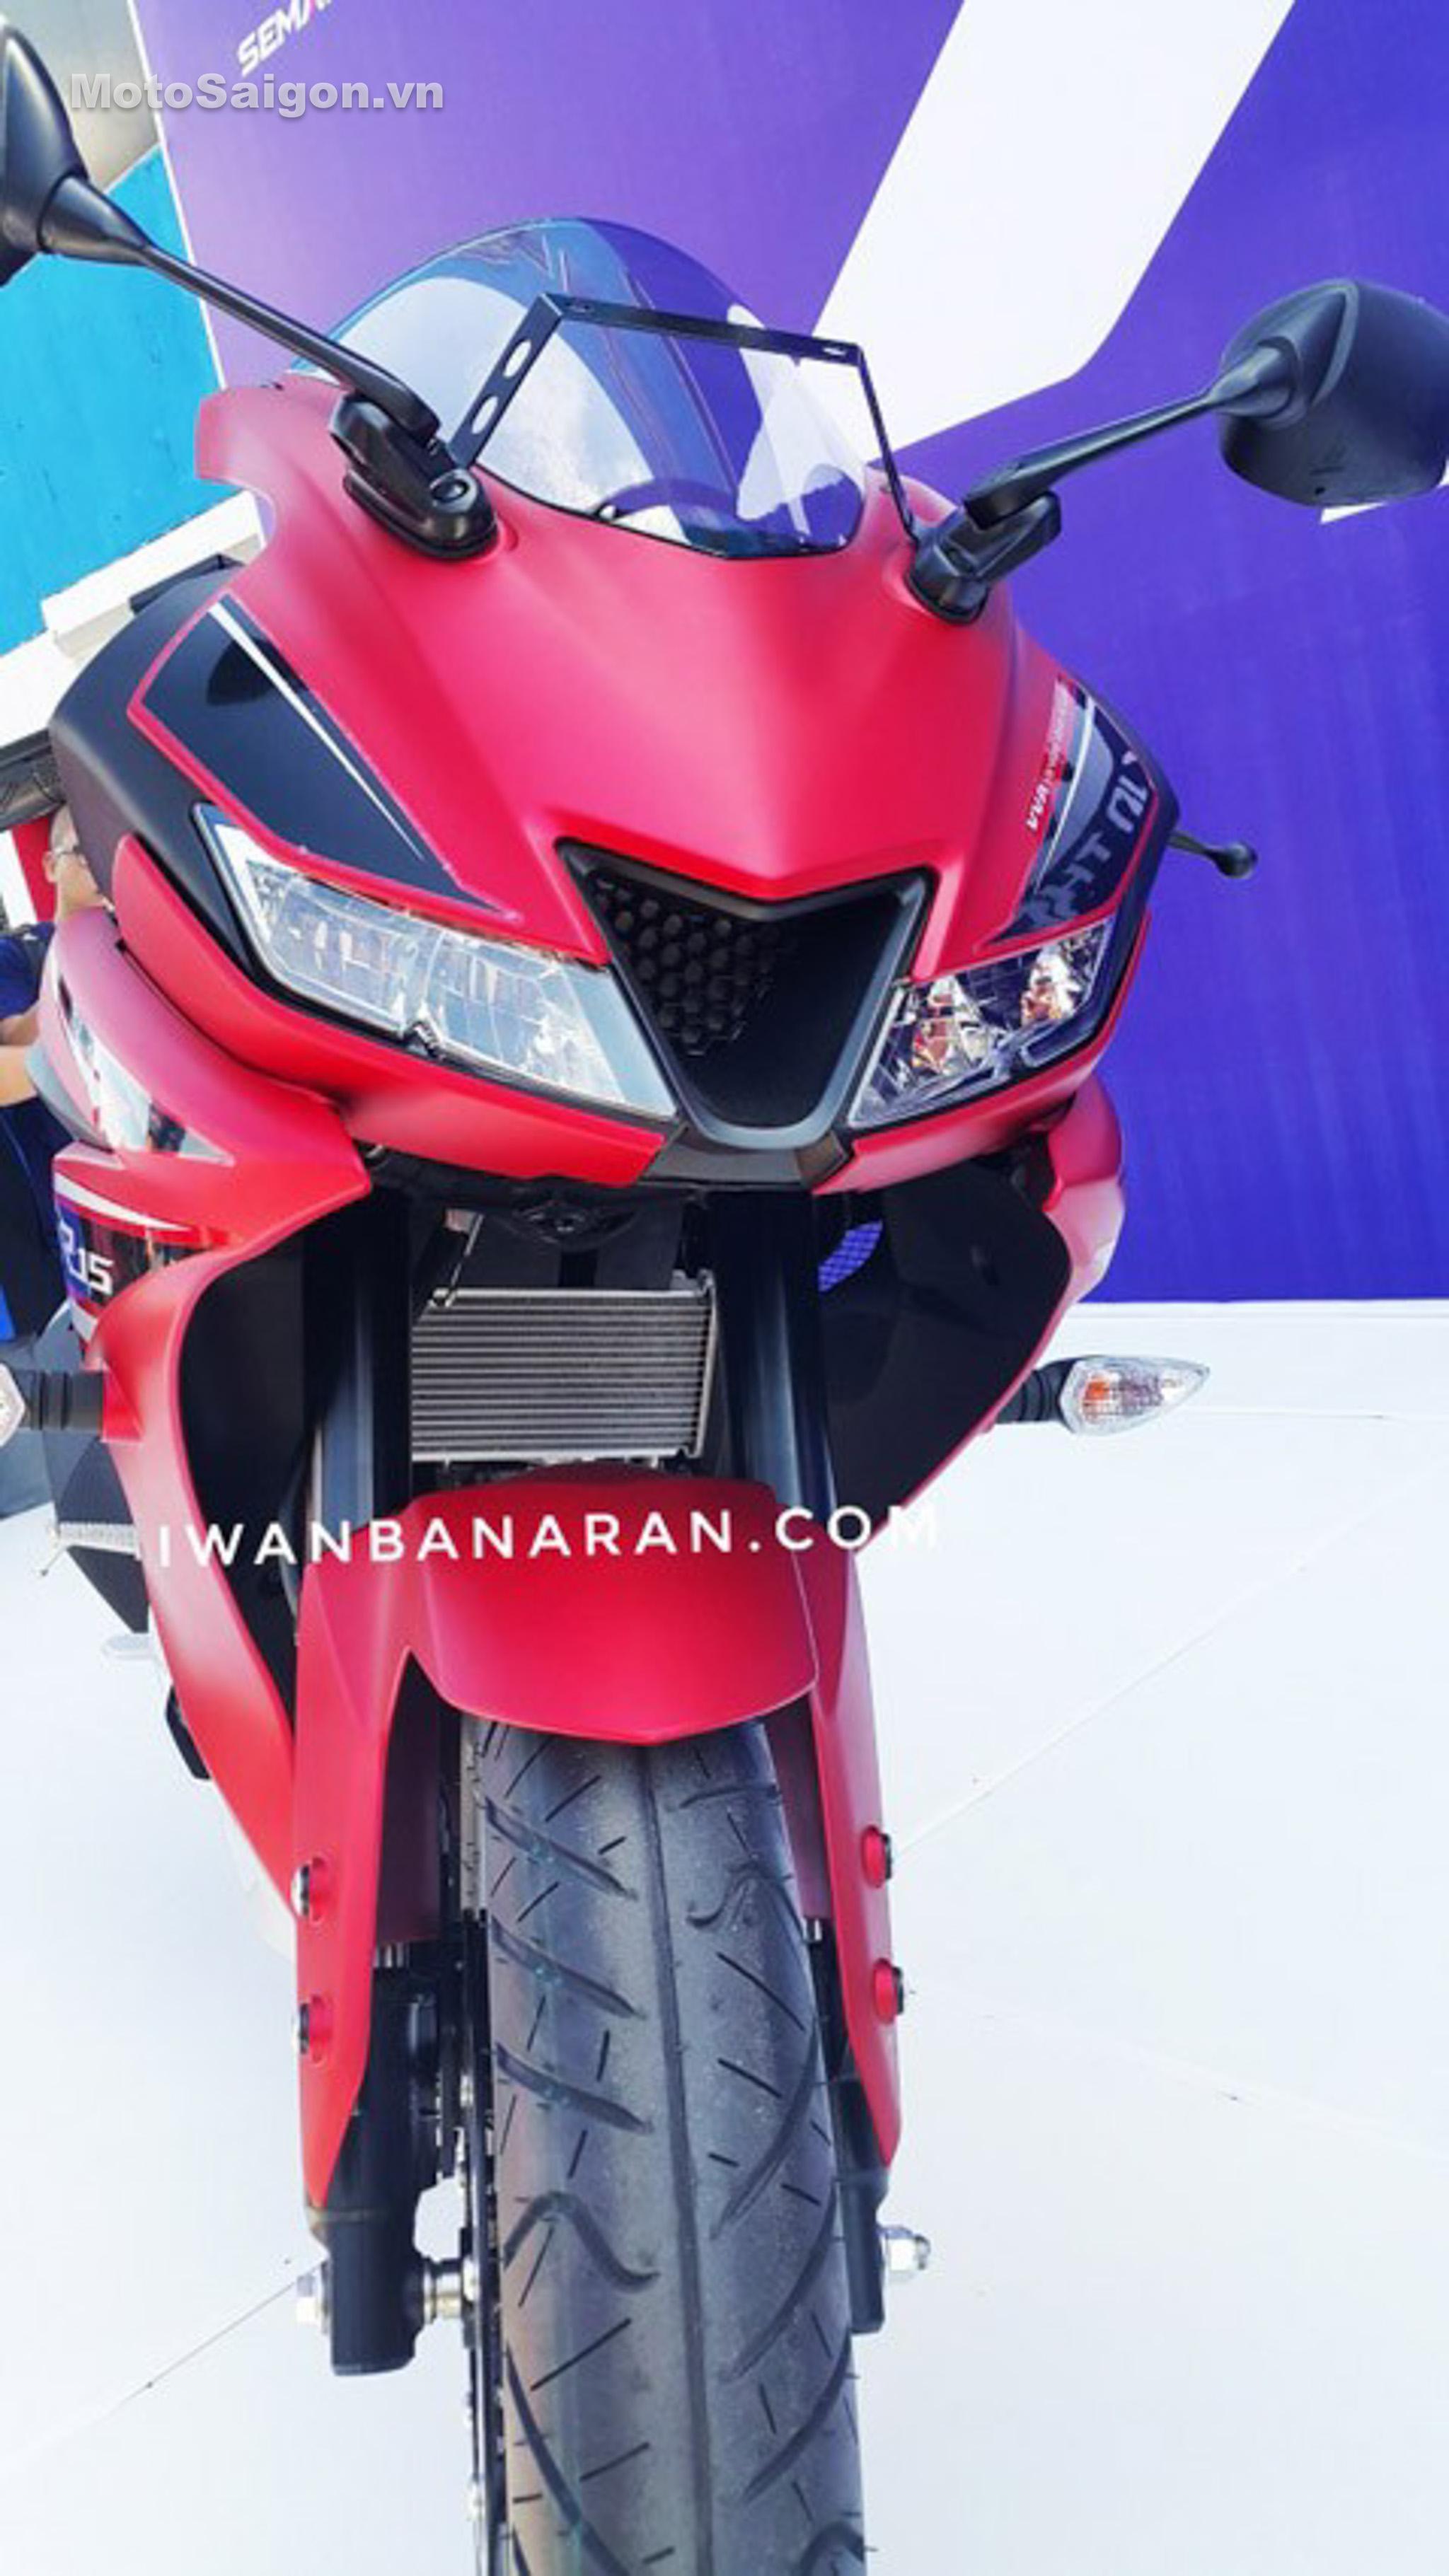 danh-gia-xe-yamaha-r15-v3-2017-hinh-anh-motosaigon-5